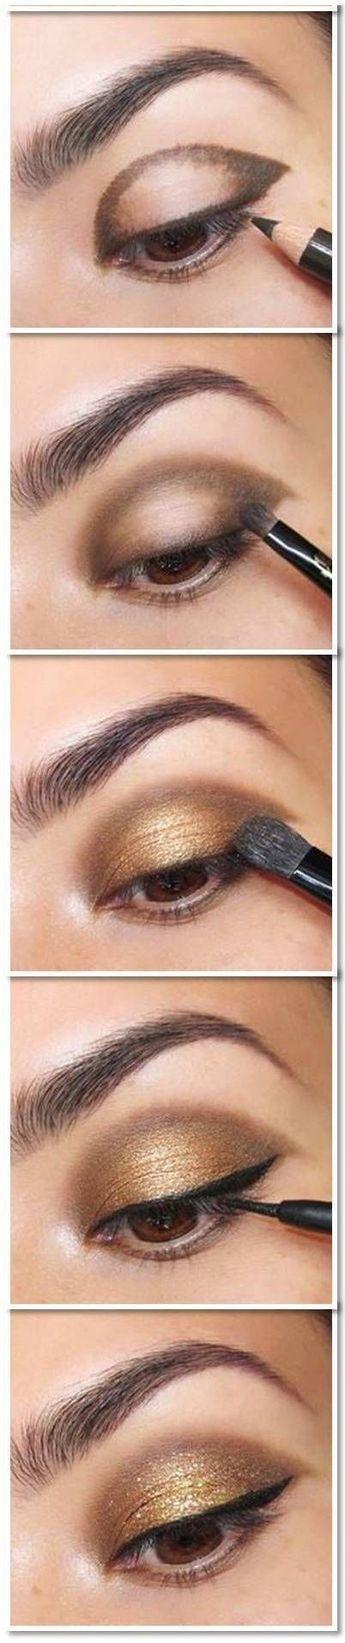 Gold Smoky Eye MakGold Smoky Eye Makeup Tutorial – Ga naar Pampadour.com voor meer informatie … #eyeshaveit